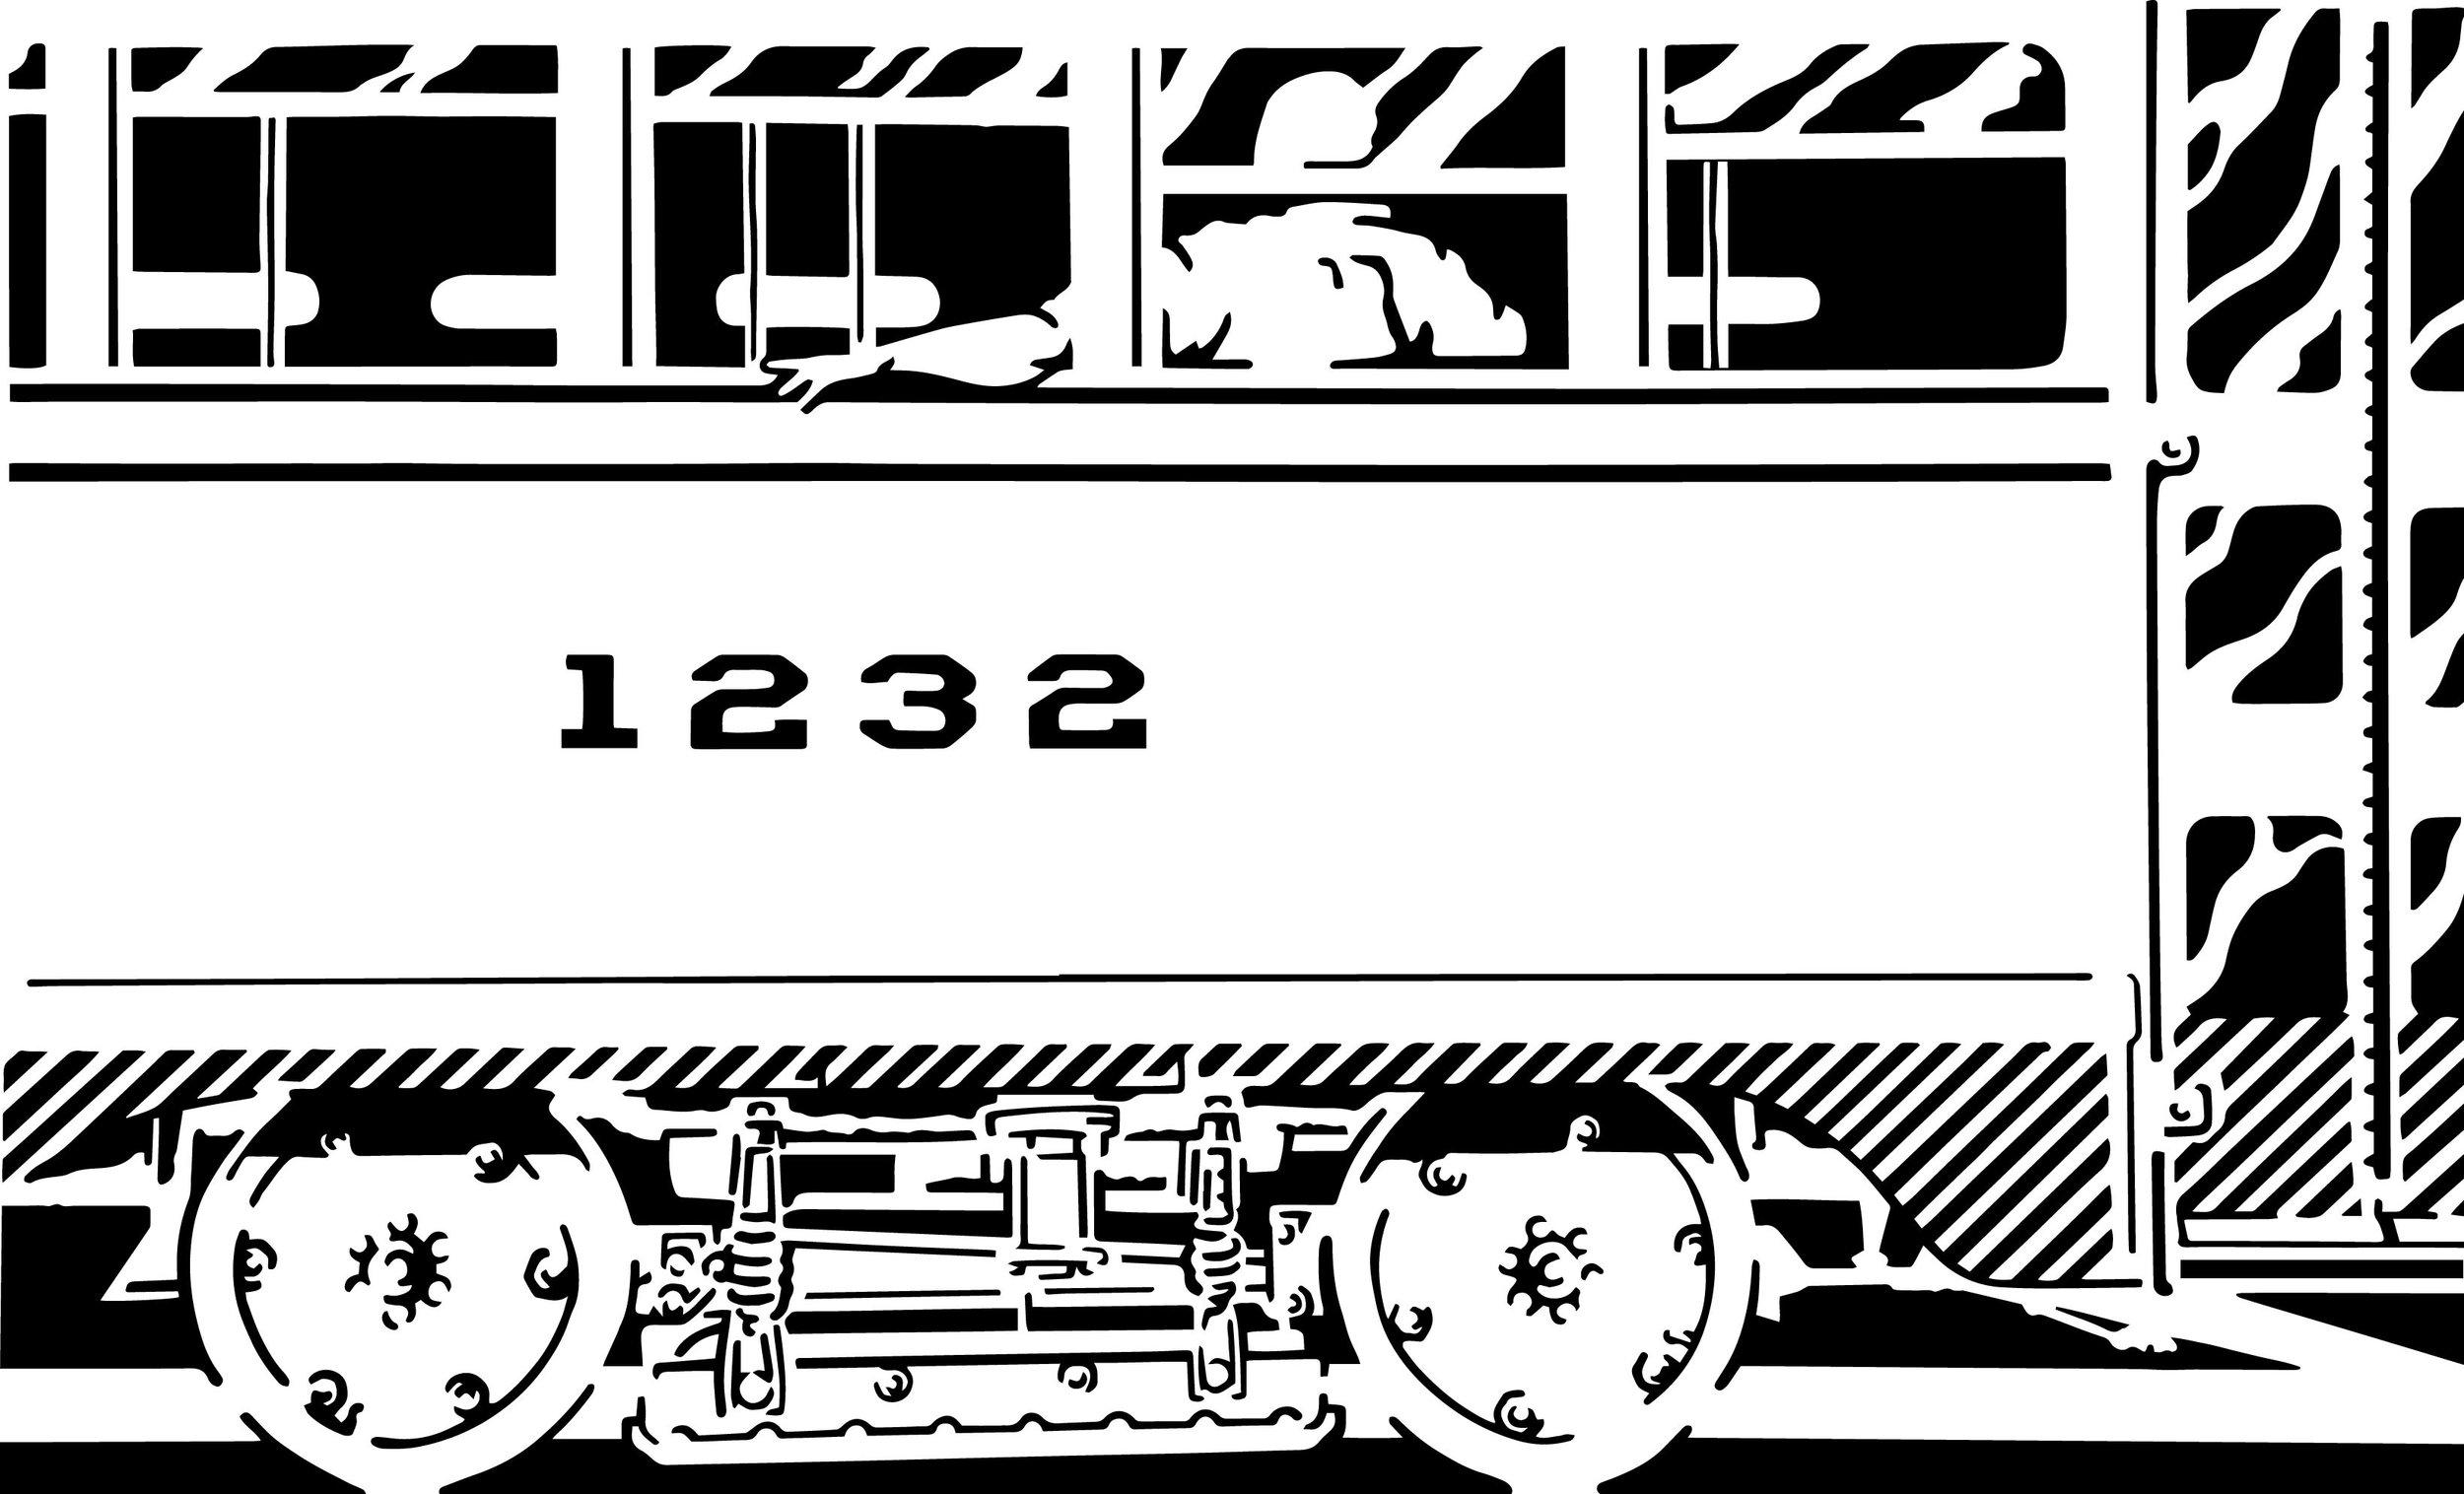 3.streetcar.jpg